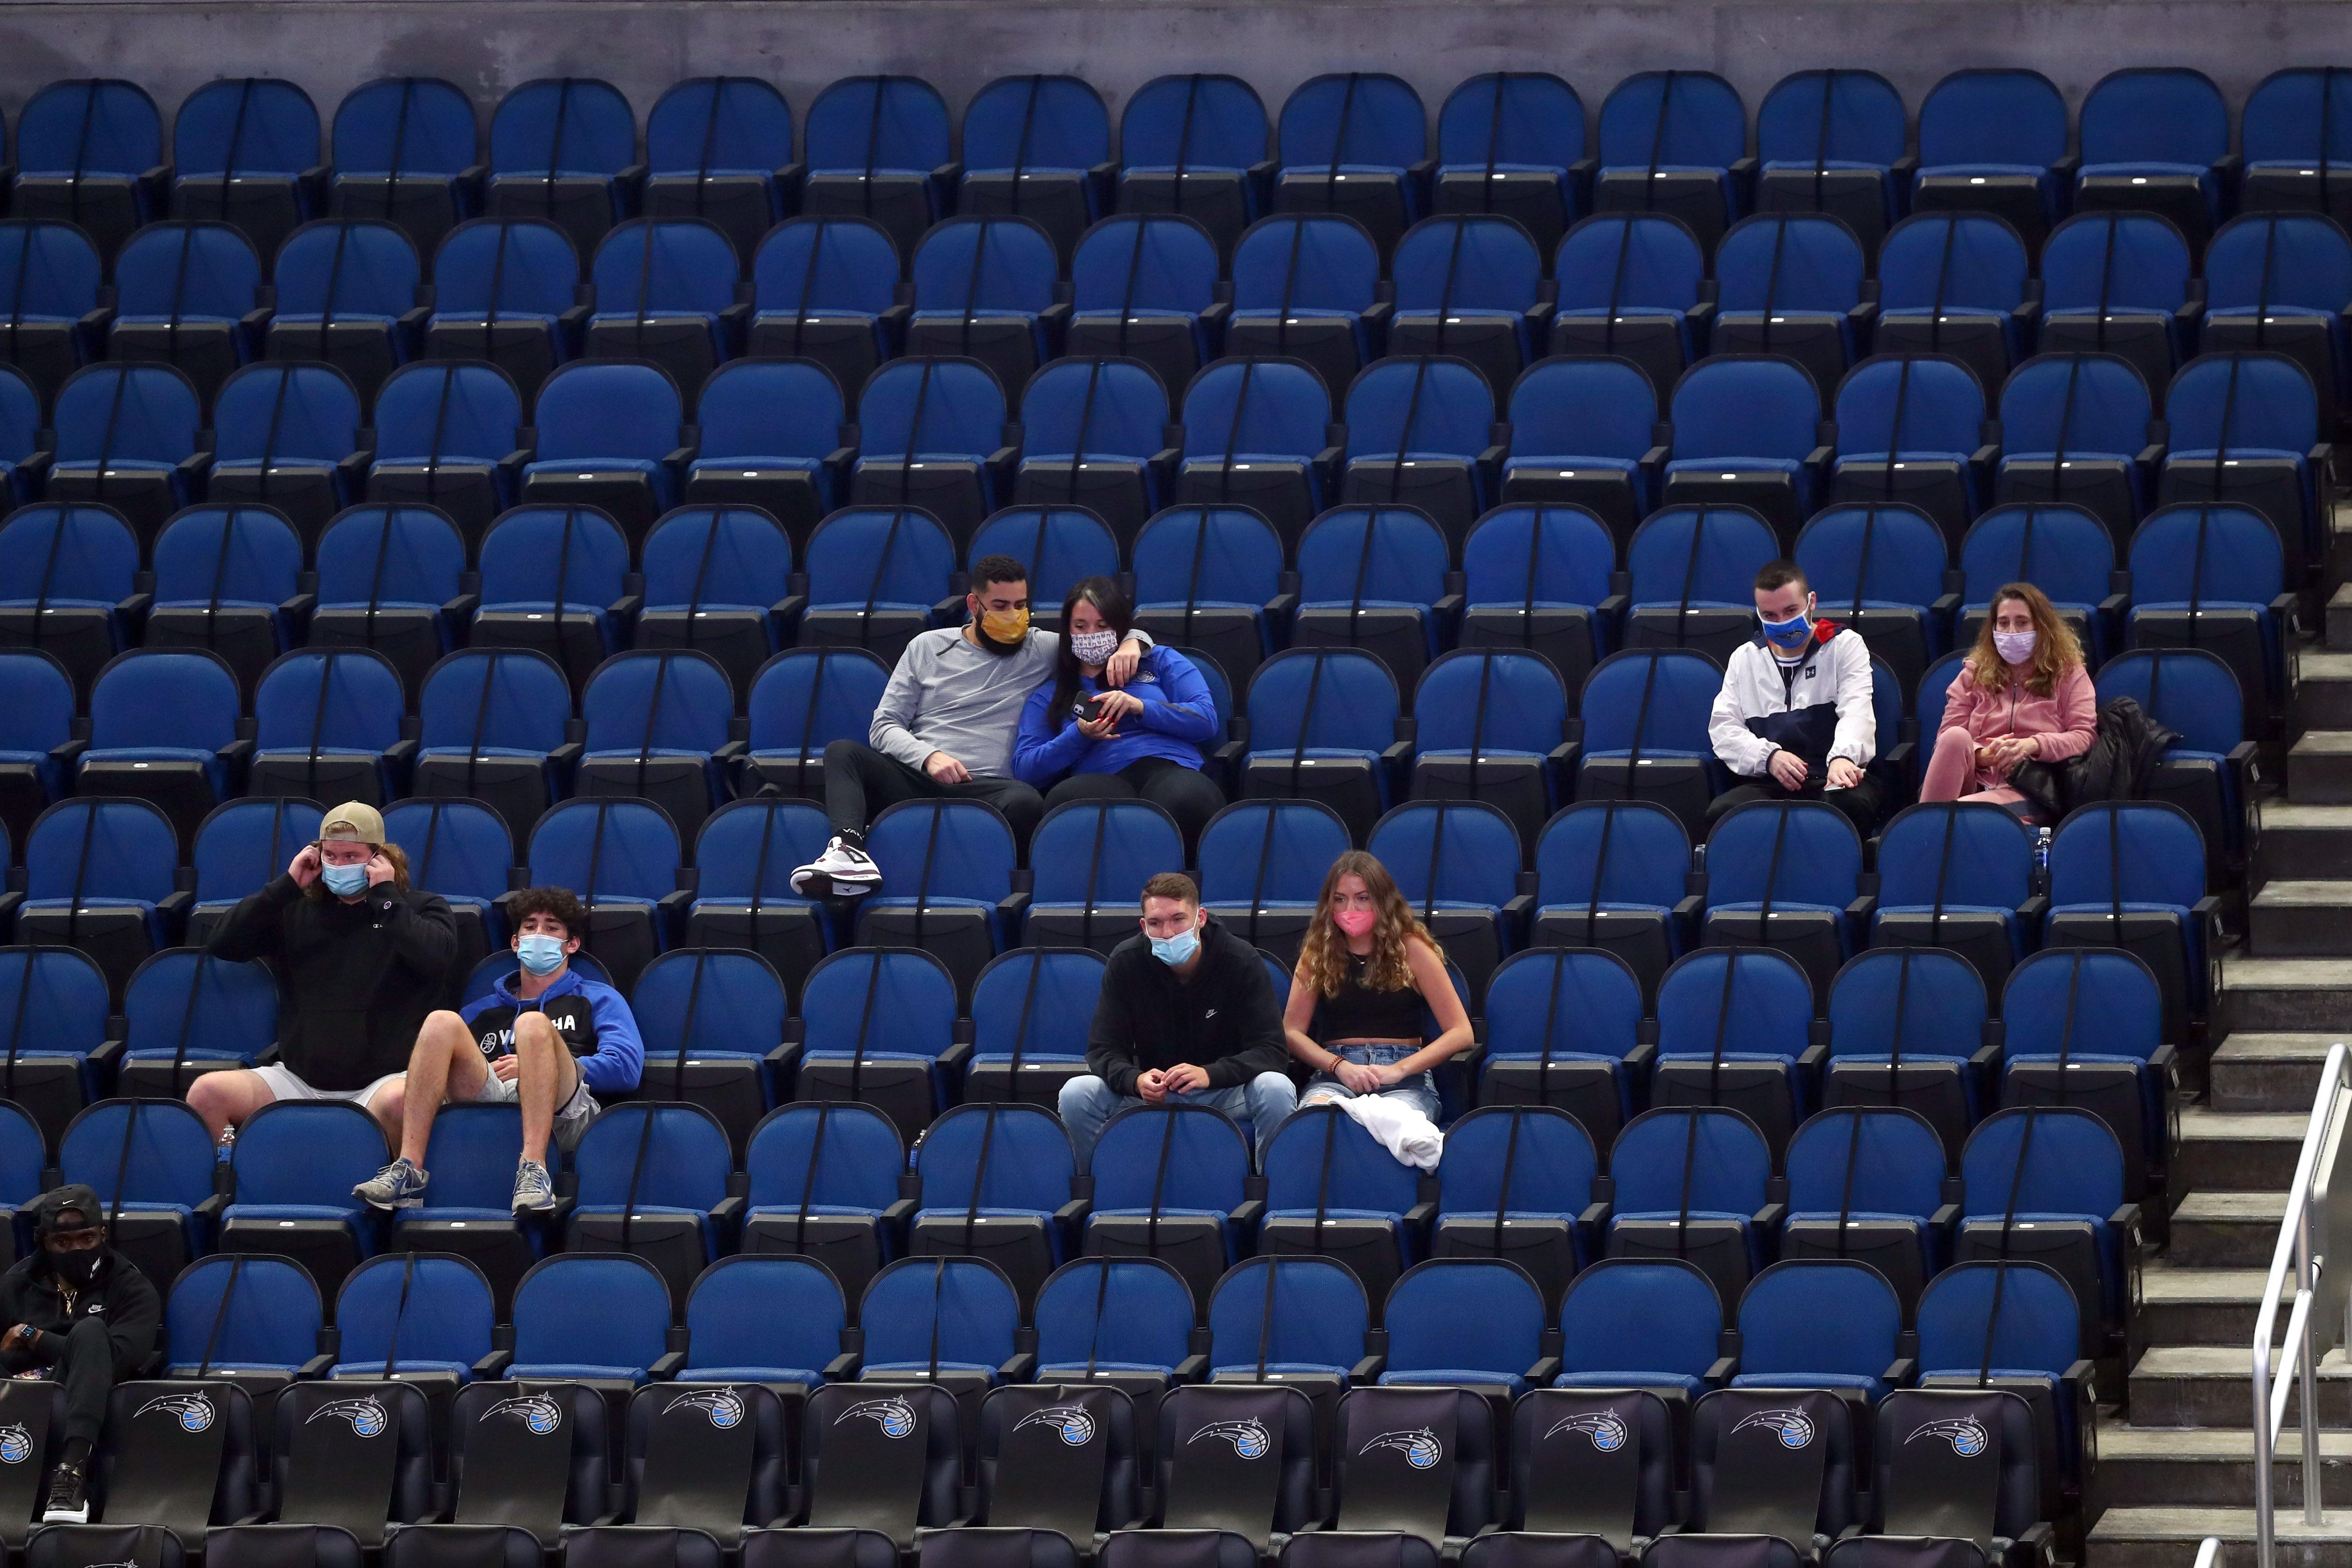 El mundo ha debido acomodarse a la nueva tendencia del distanciamiento social